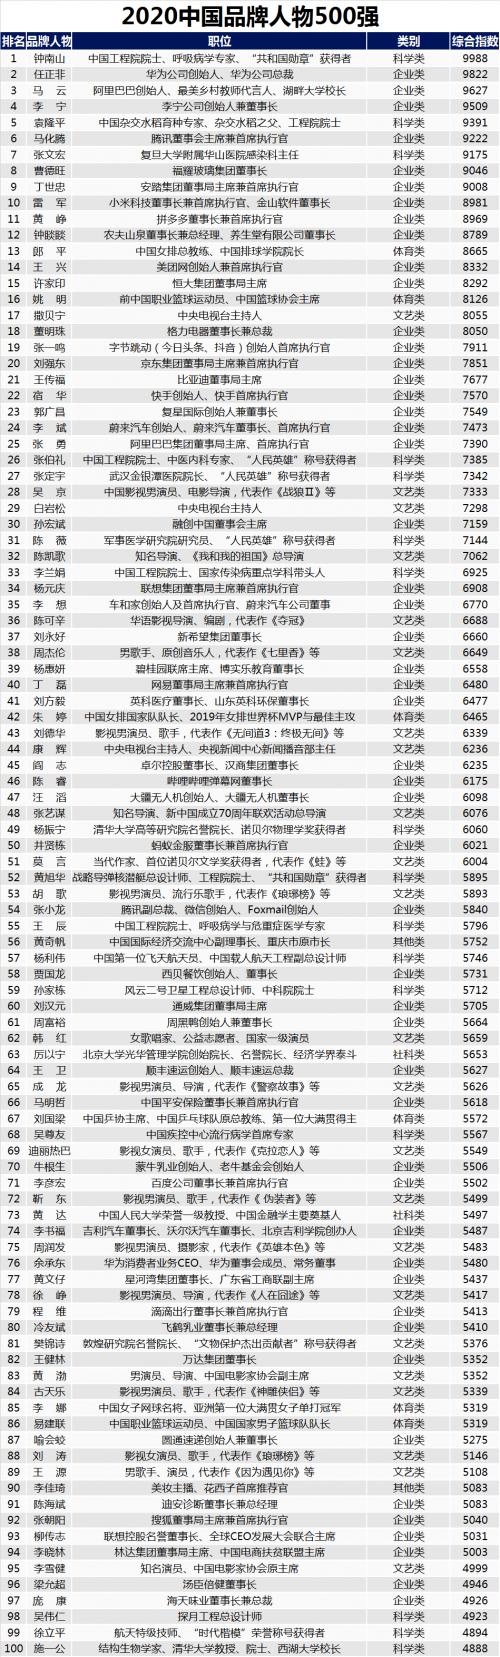 2020中国品牌人物500强研究报告发布(内附完整榜单)